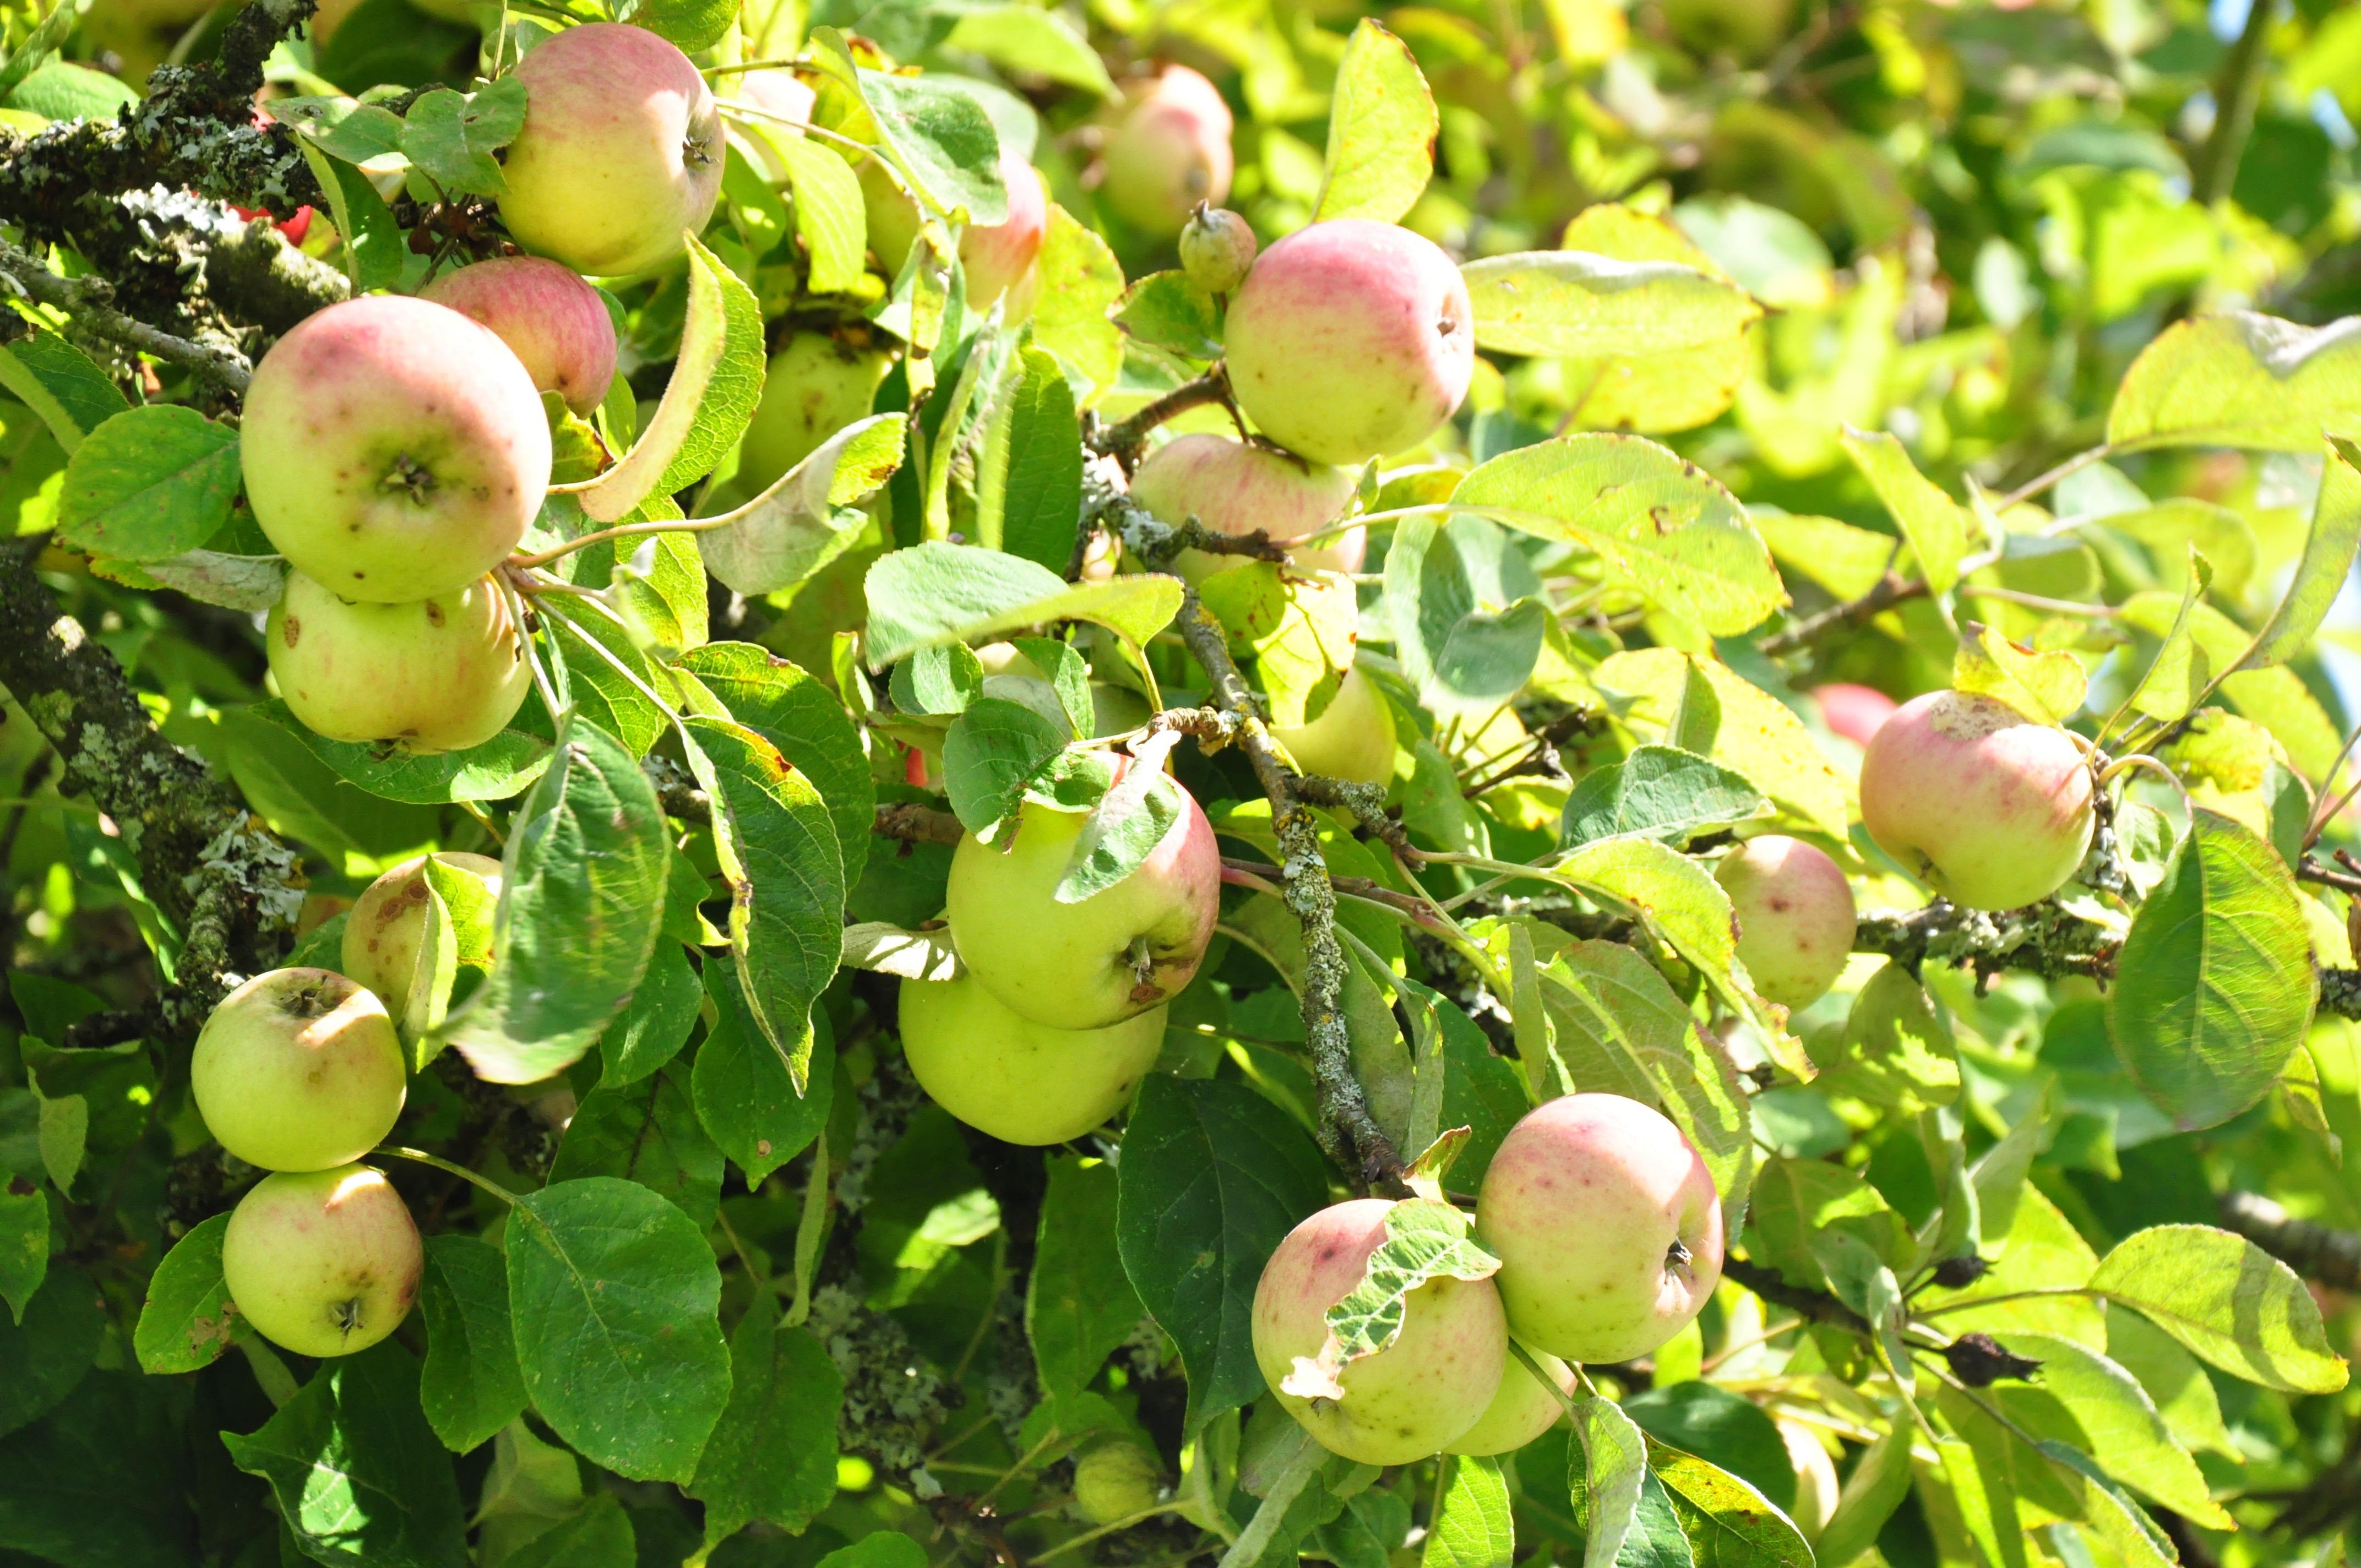 La Herpinière Normandy Gite apples